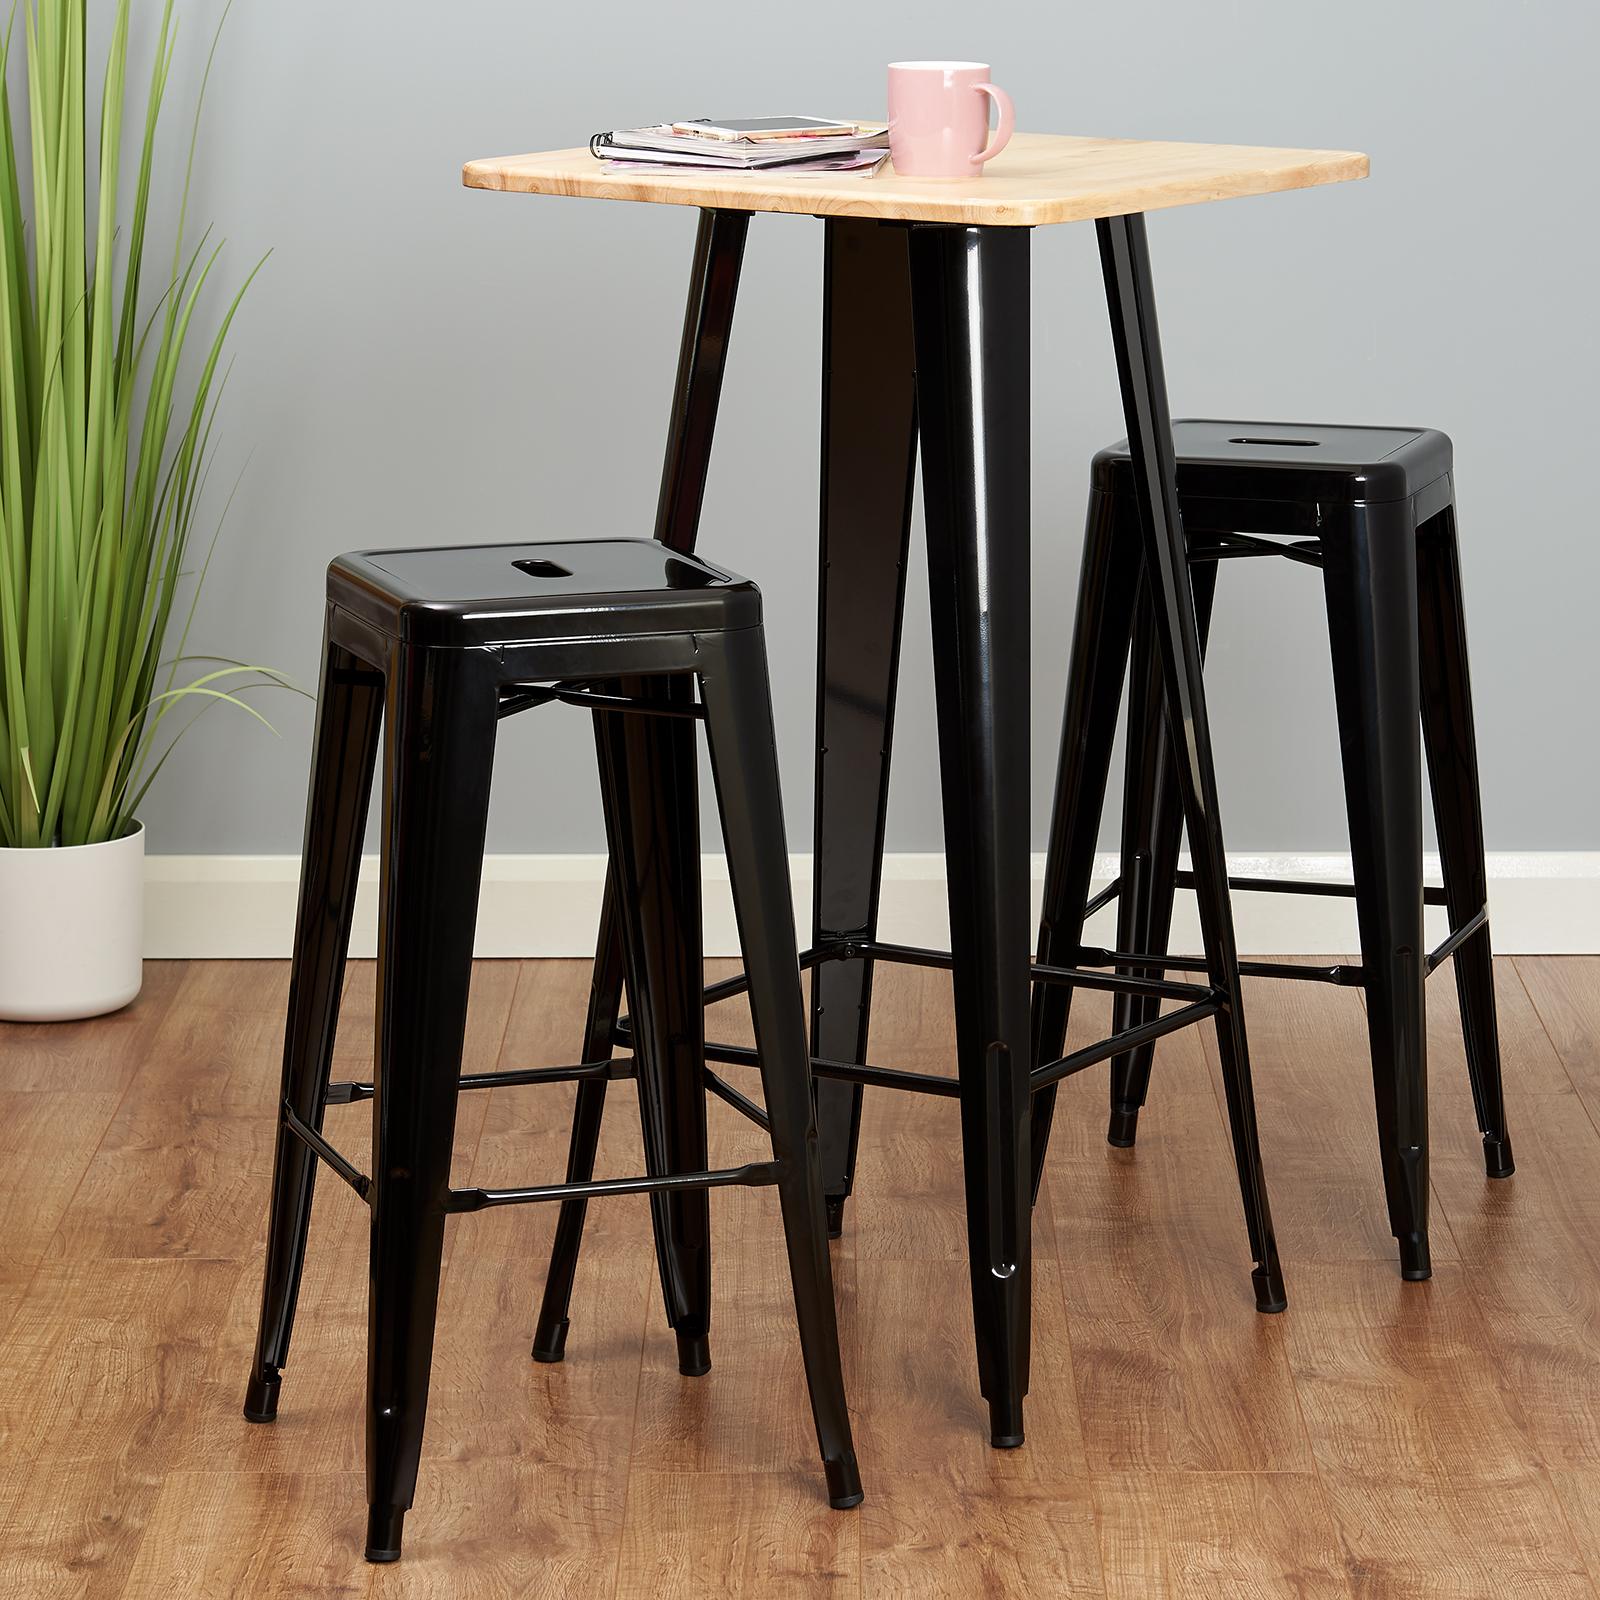 Table Haute De Bar.Details Sur Hartleys Table Haute De Bar Bistro Style Industriel En Metal Noir Haut En Bois